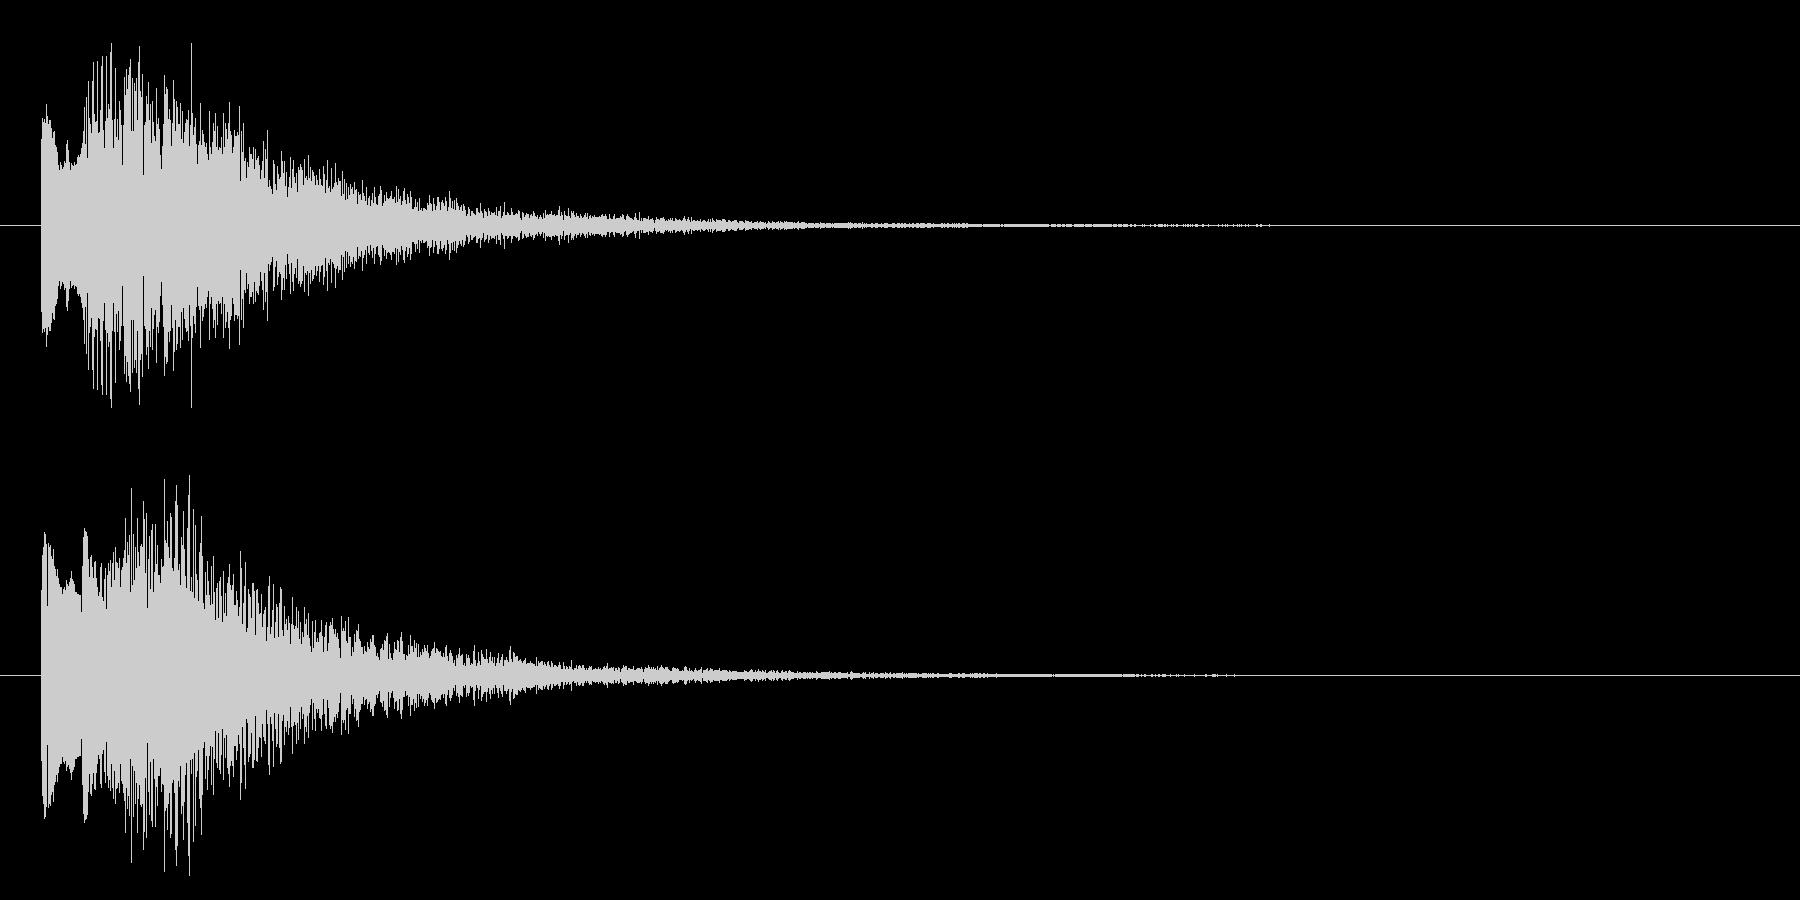 ニュースのテロップをイメージした音05の未再生の波形